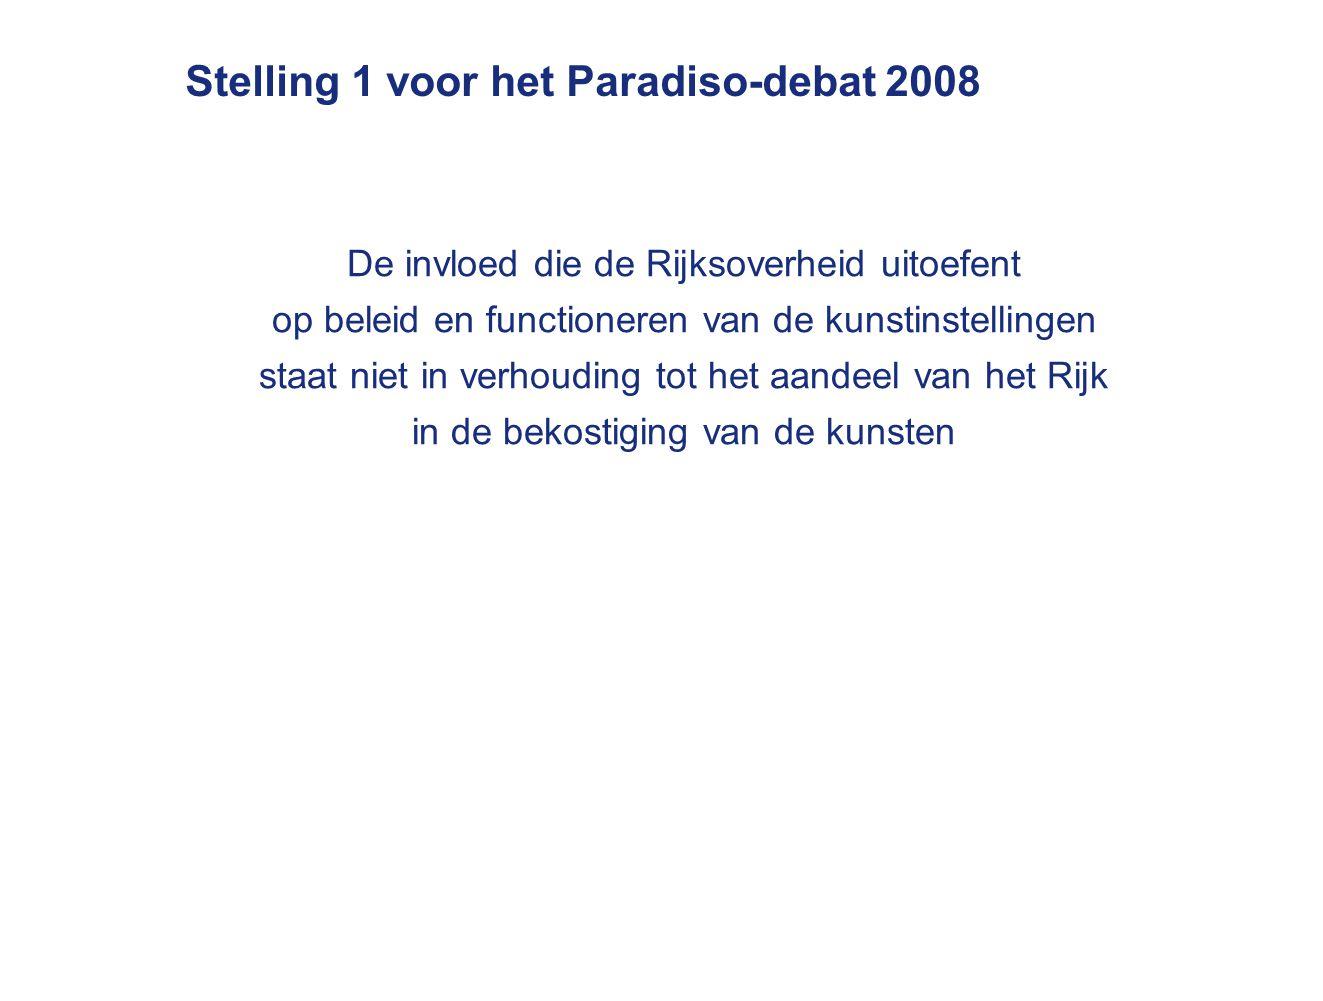 Stelling 1 voor het Paradiso-debat 2008 De invloed die de Rijksoverheid uitoefent op beleid en functioneren van de kunstinstellingen staat niet in verhouding tot het aandeel van het Rijk in de bekostiging van de kunsten